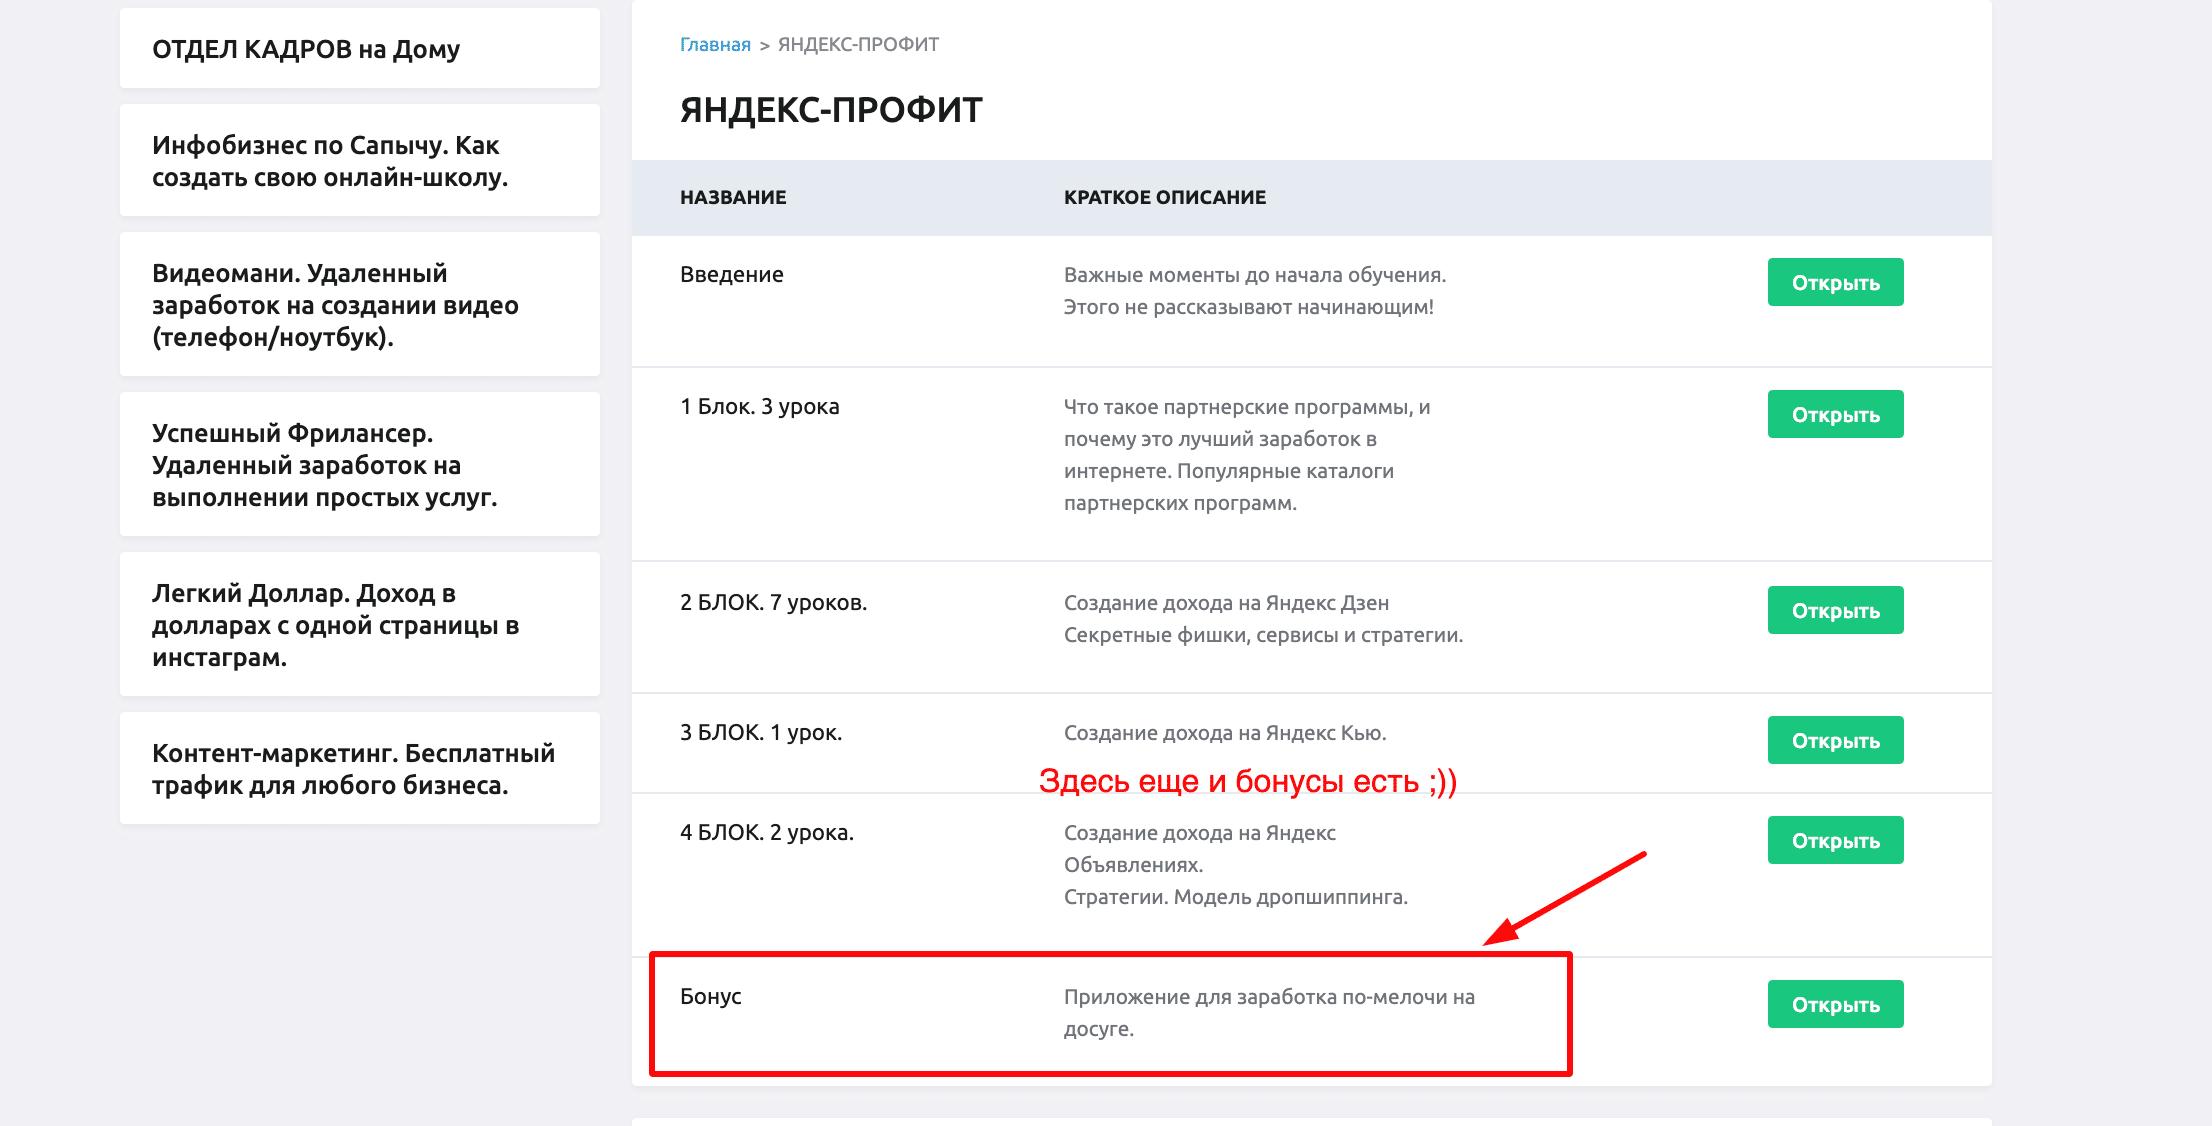 яндекс профит отзывы